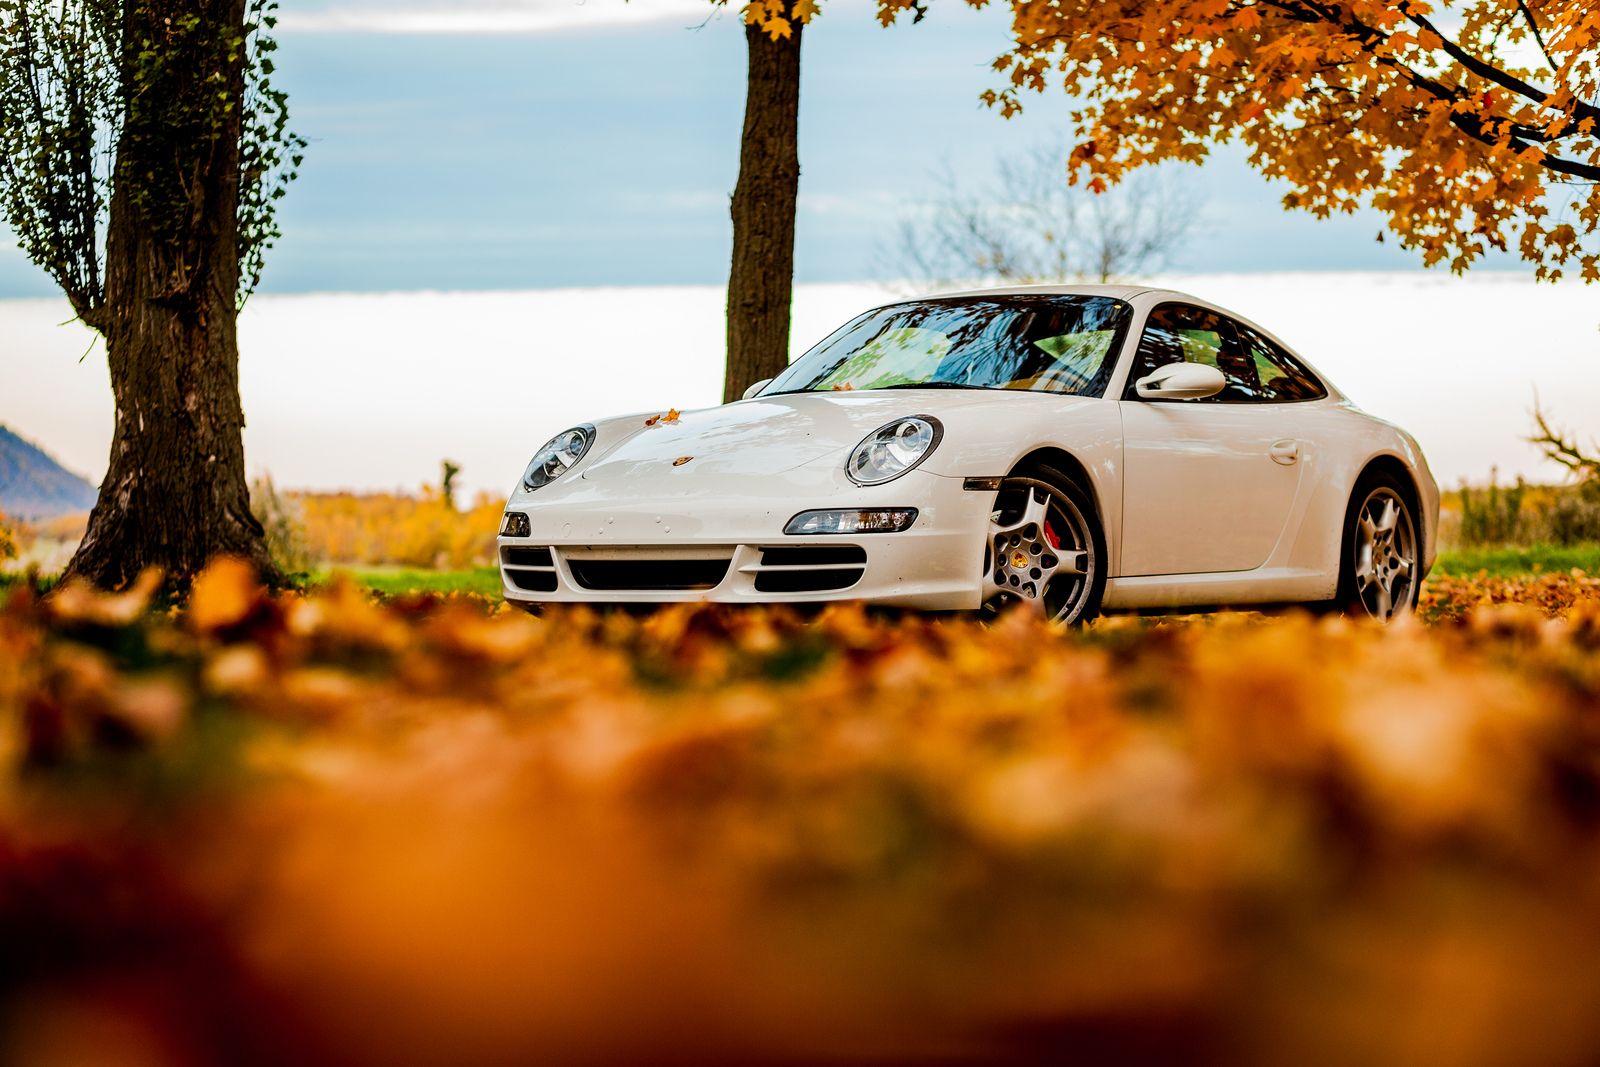 Autumn Porsche In 2020 Car Wallpapers Porsche Porsche 911